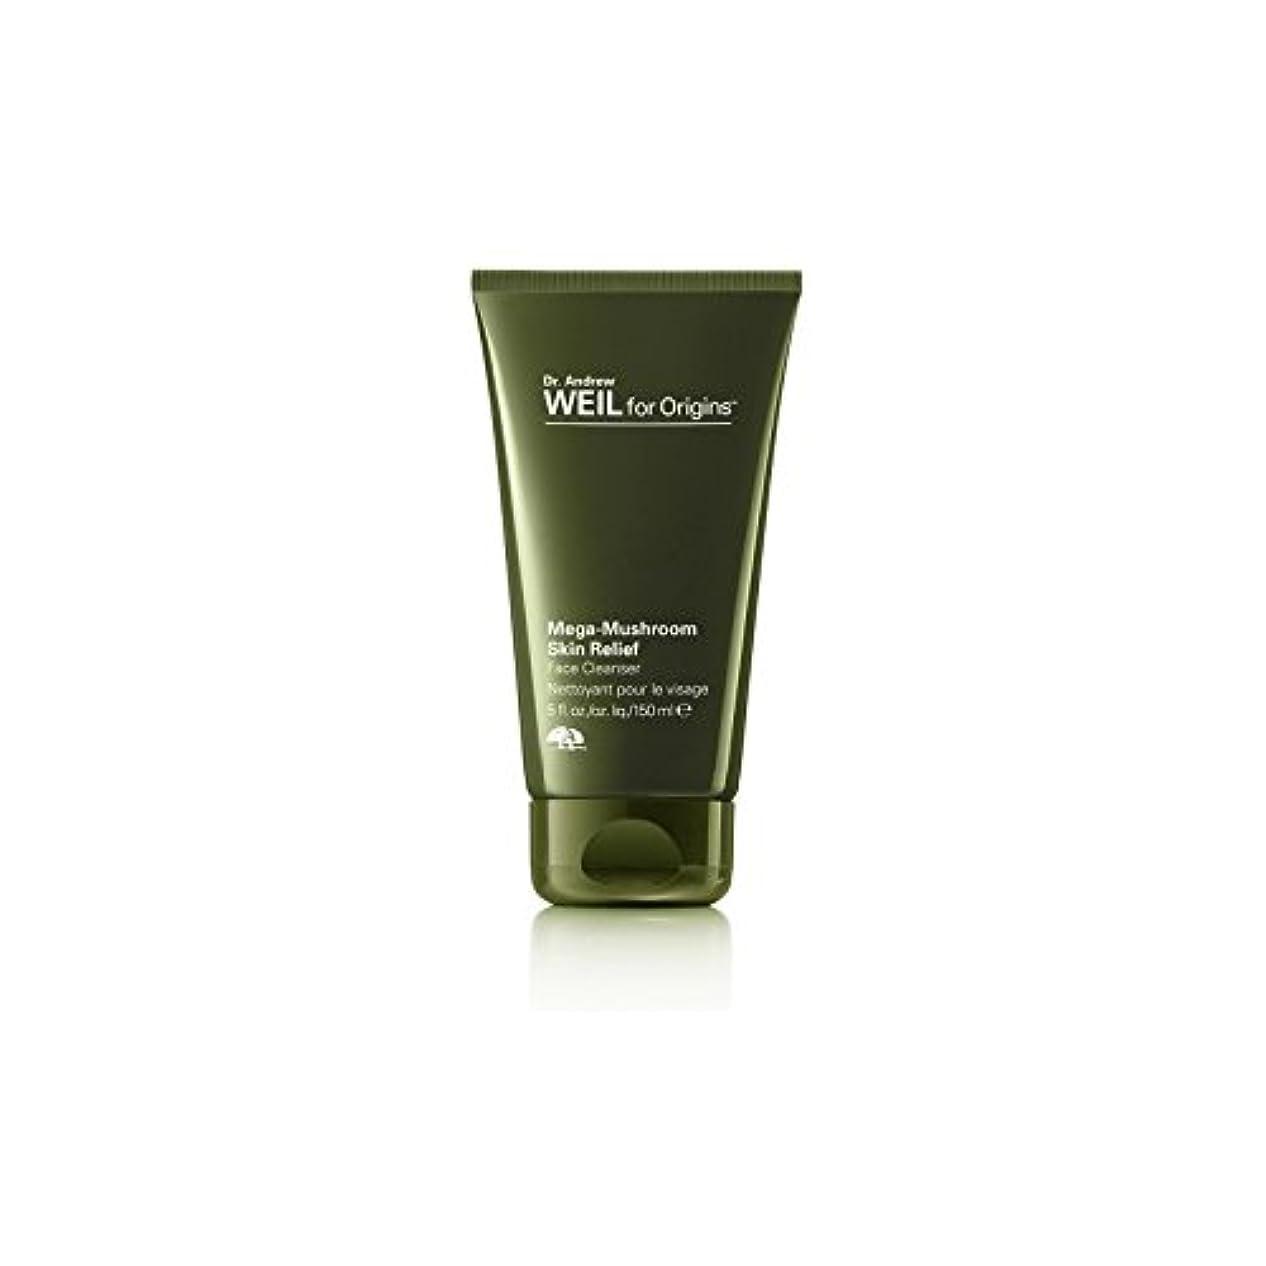 二週間カトリック教徒ファンタジー起源アンドルー?ワイル起源メガキノコ皮膚救済顔クレンザー150ミリリットルのために x2 - Origins Dr. Andrew Weil For Origins Mega-Mushroom Skin Relief Face Cleanser 150ml (Pack of 2) [並行輸入品]